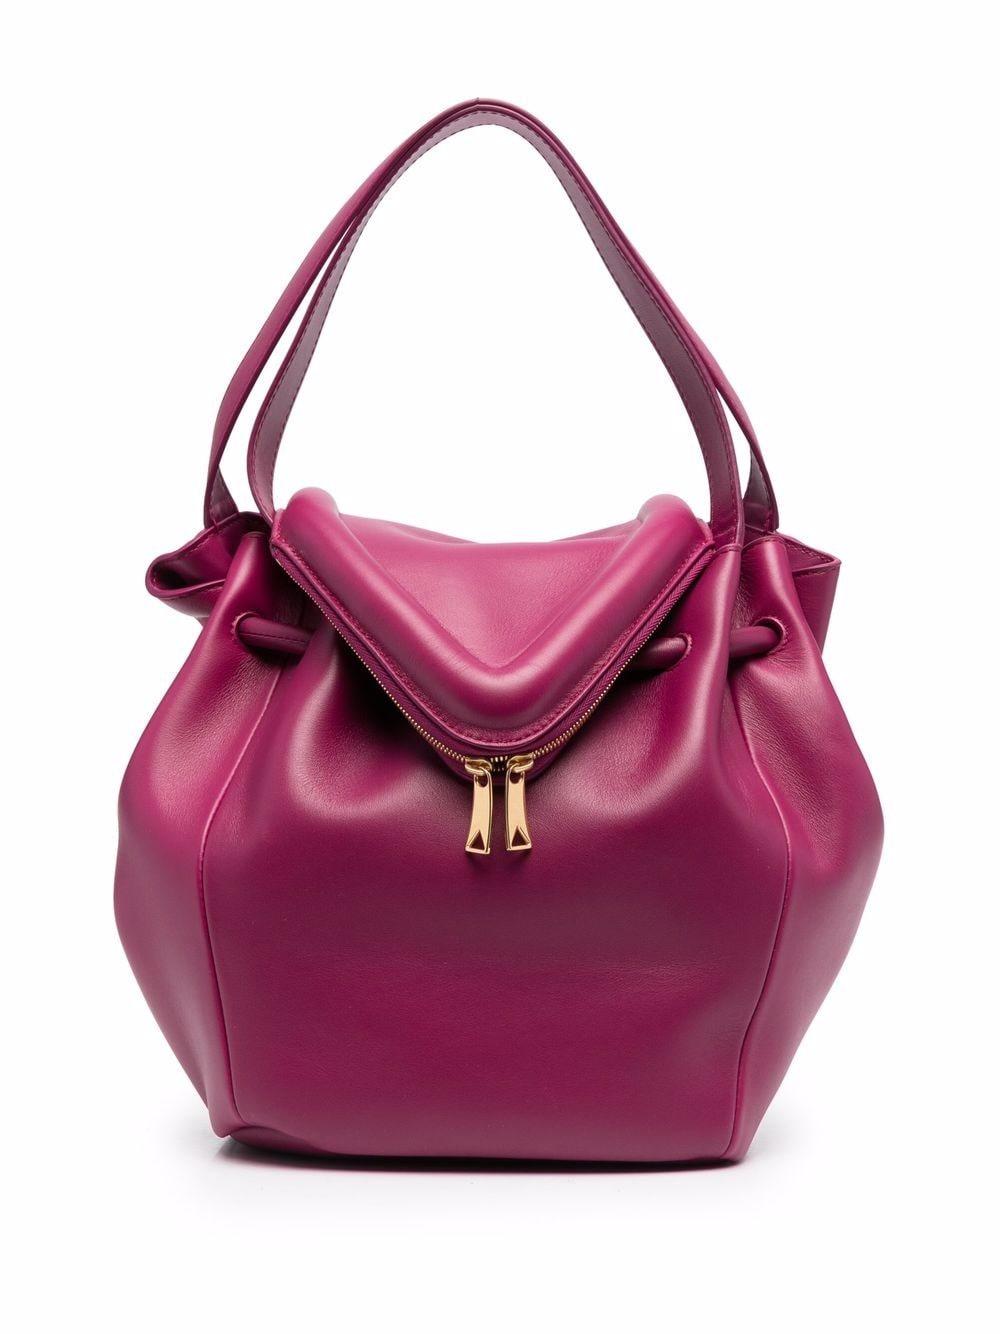 Bottega Veneta Beak Handtasche - Rosa